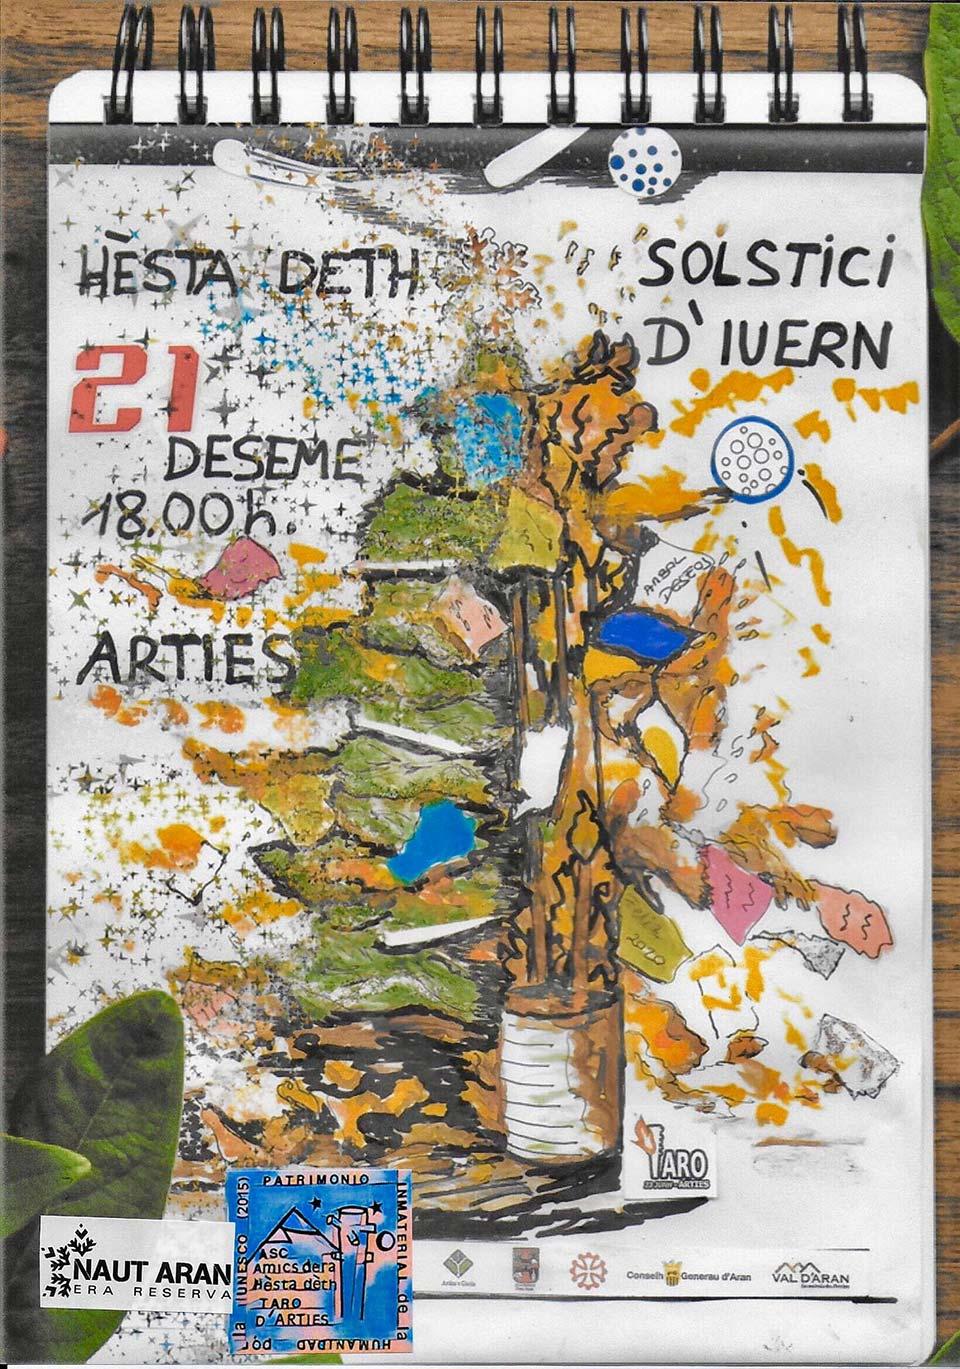 Fiesta del Solsticio de invierno en Arties, Val d'Aran